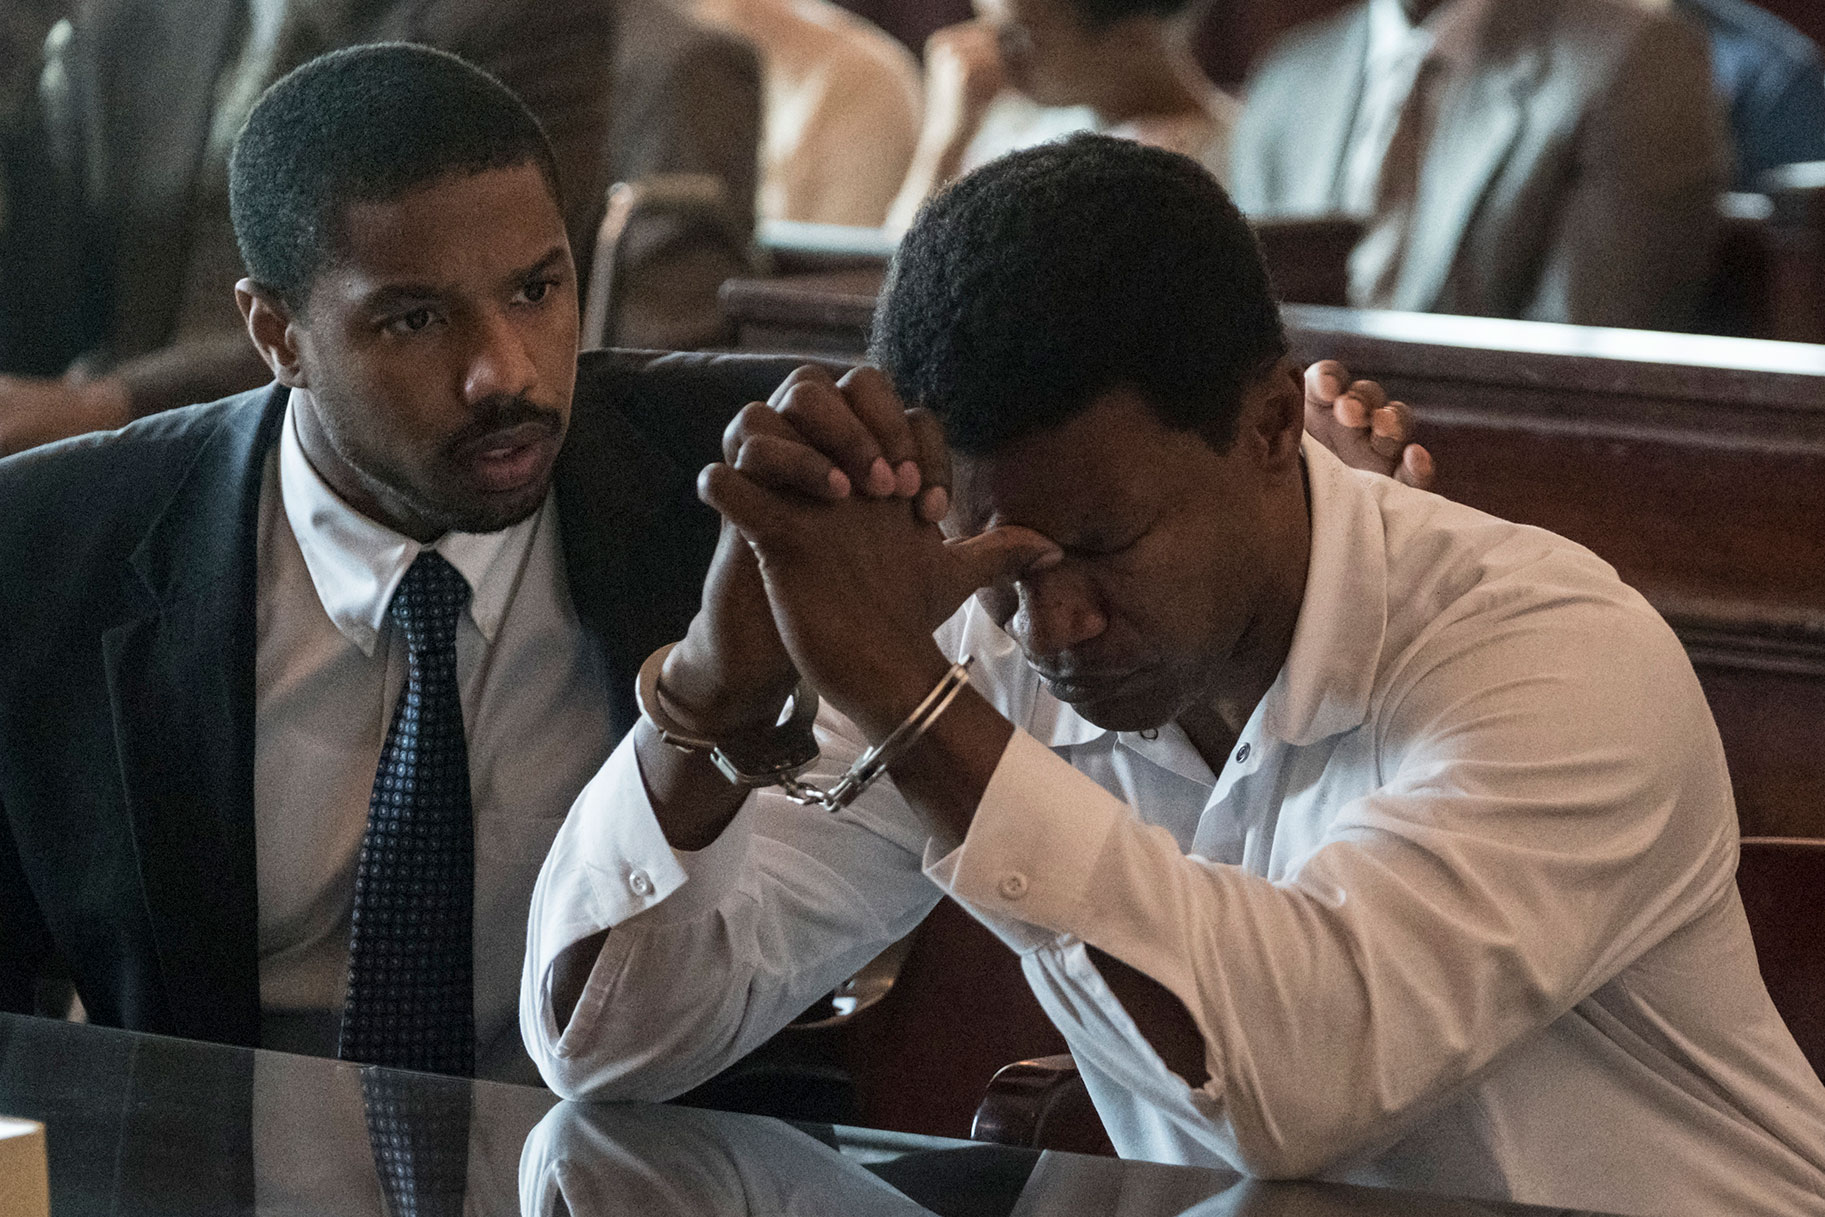 Ο Michael B. Jordan προσπαθεί να σώσει έναν λανθασμένα καταδικασμένο άνθρωπο από το θάνατο στο νέο τρέιλερ «Just Mercy»